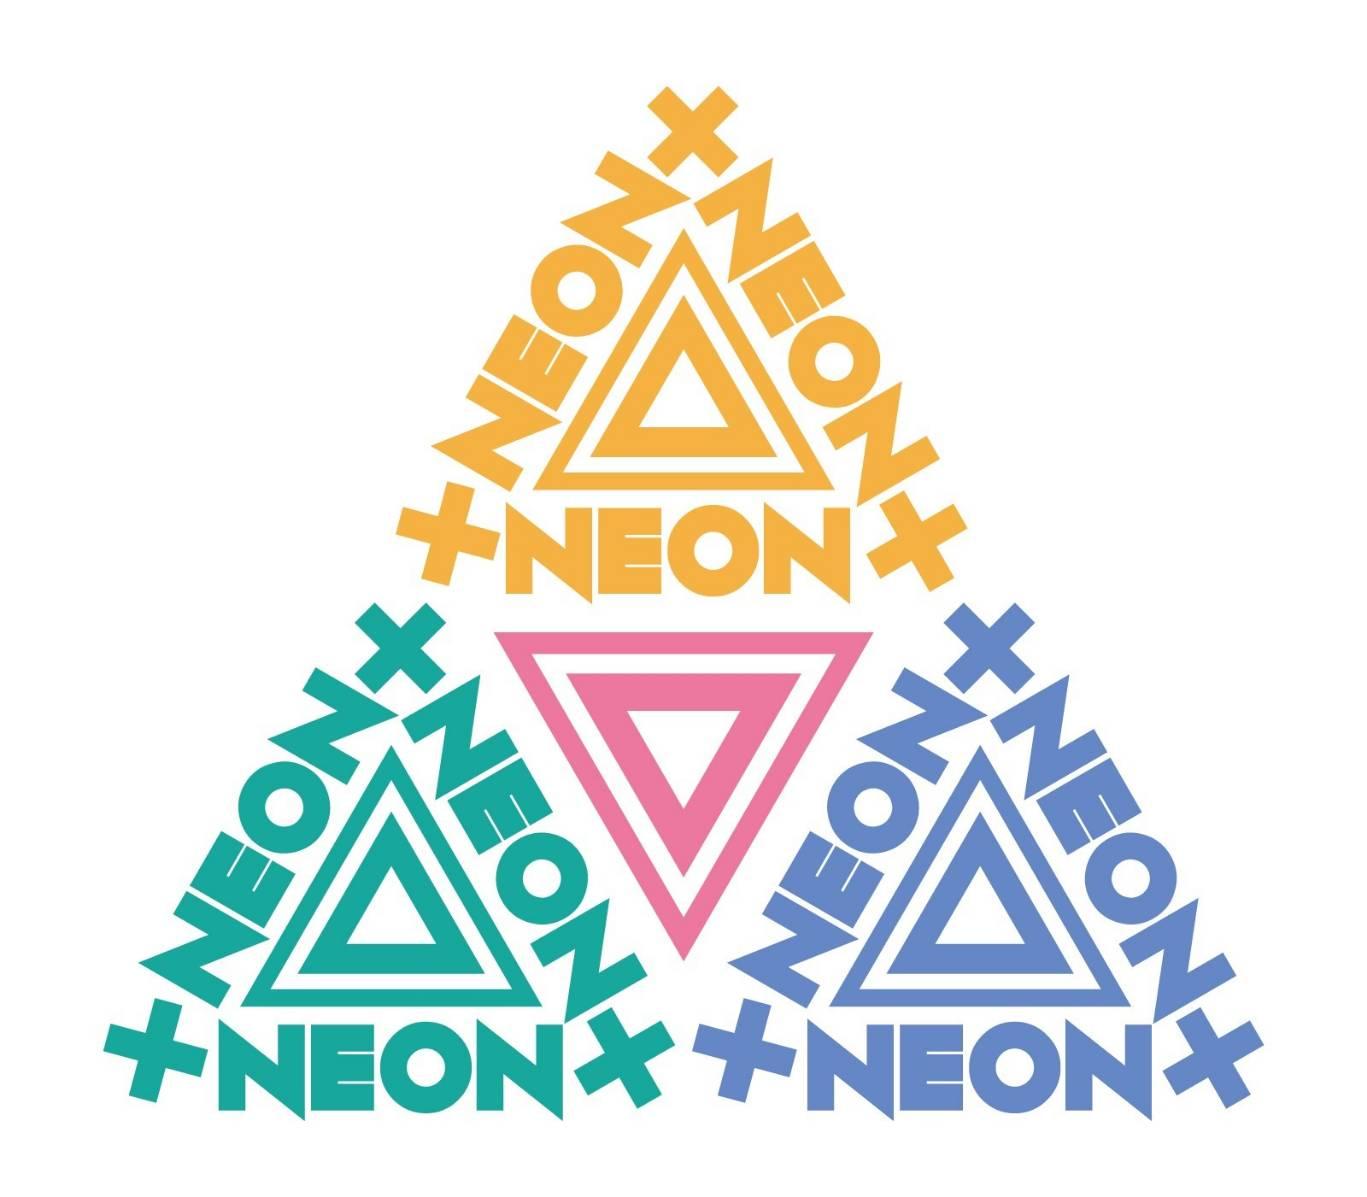 2019年6月3日(月)『NEON×NEON×NEON』@渋谷ストリームホール